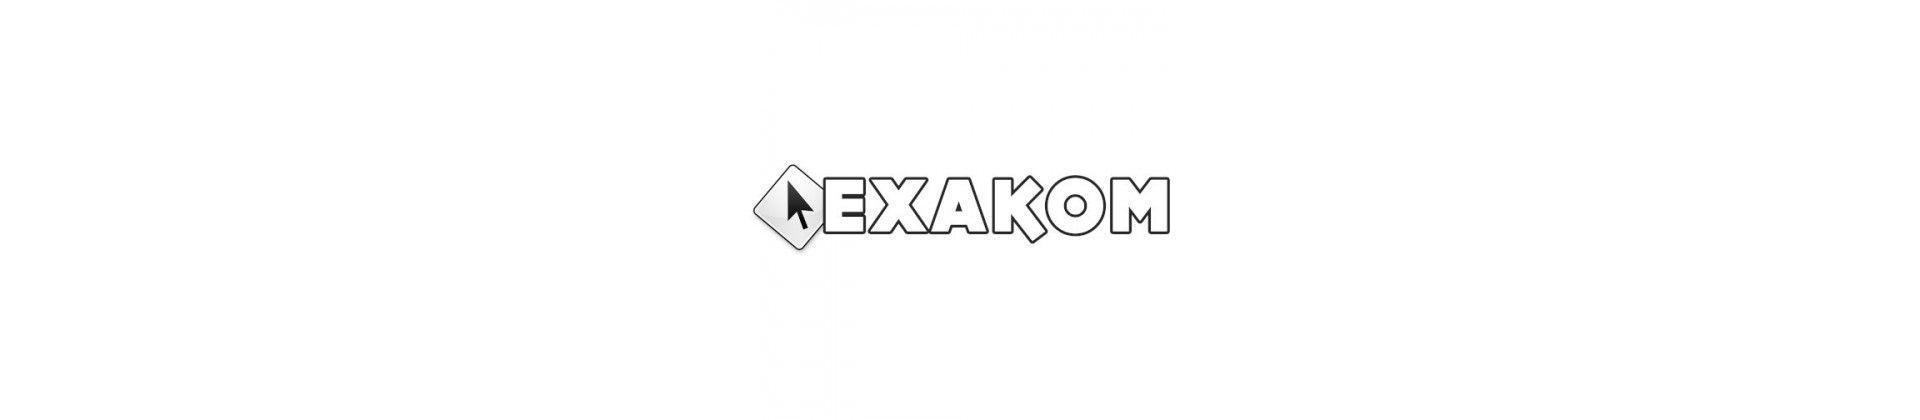 Exakom - Pluto